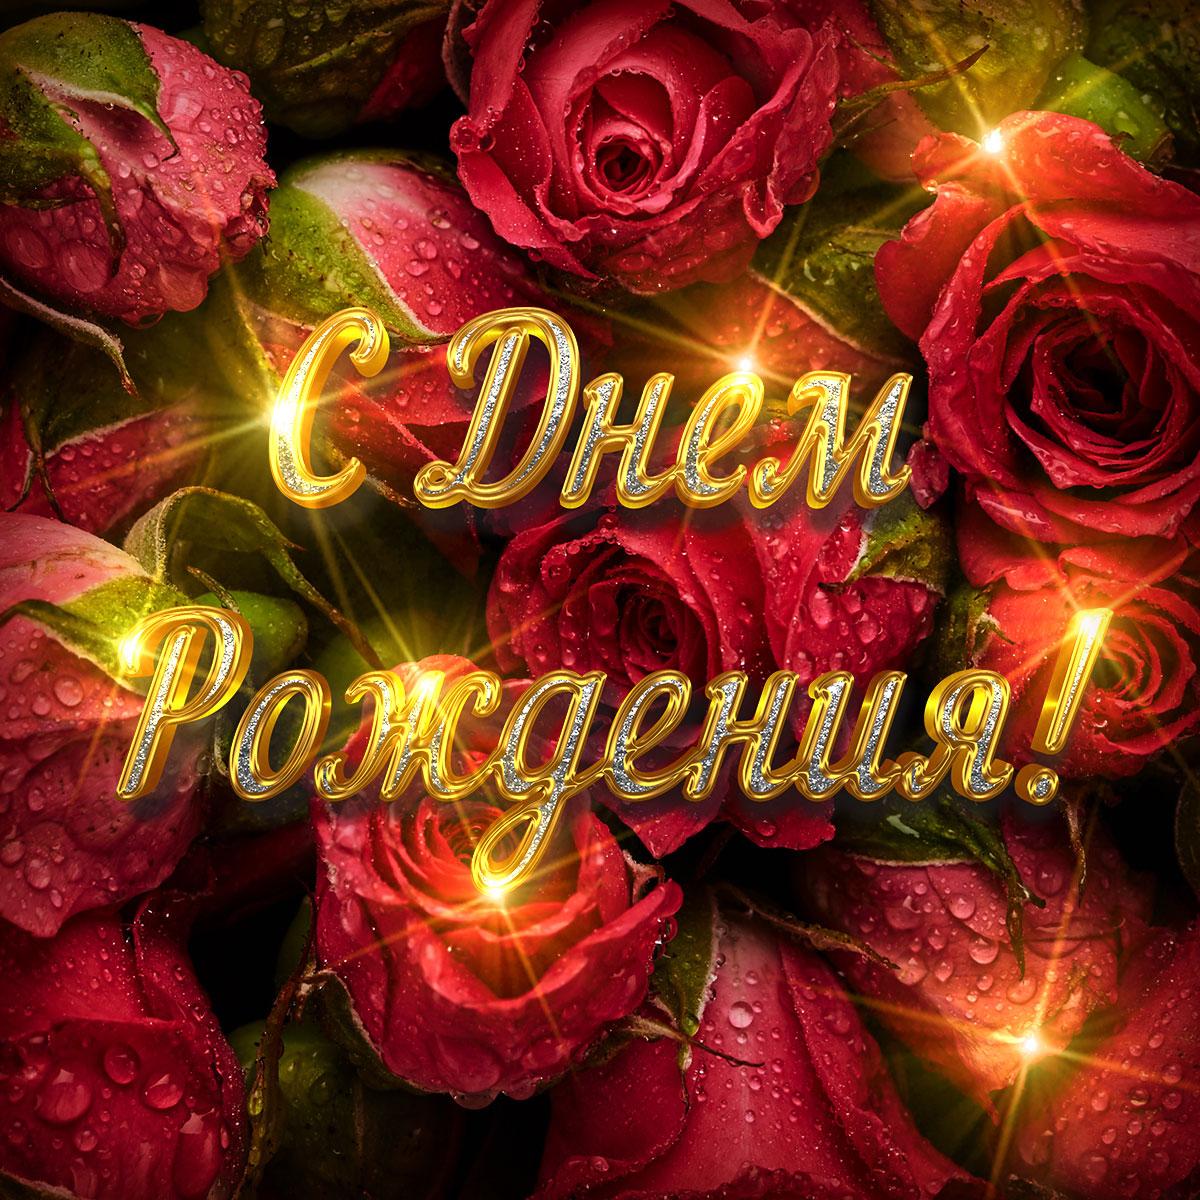 Фото красные садовые розы с золотой надписью с днём рождения!